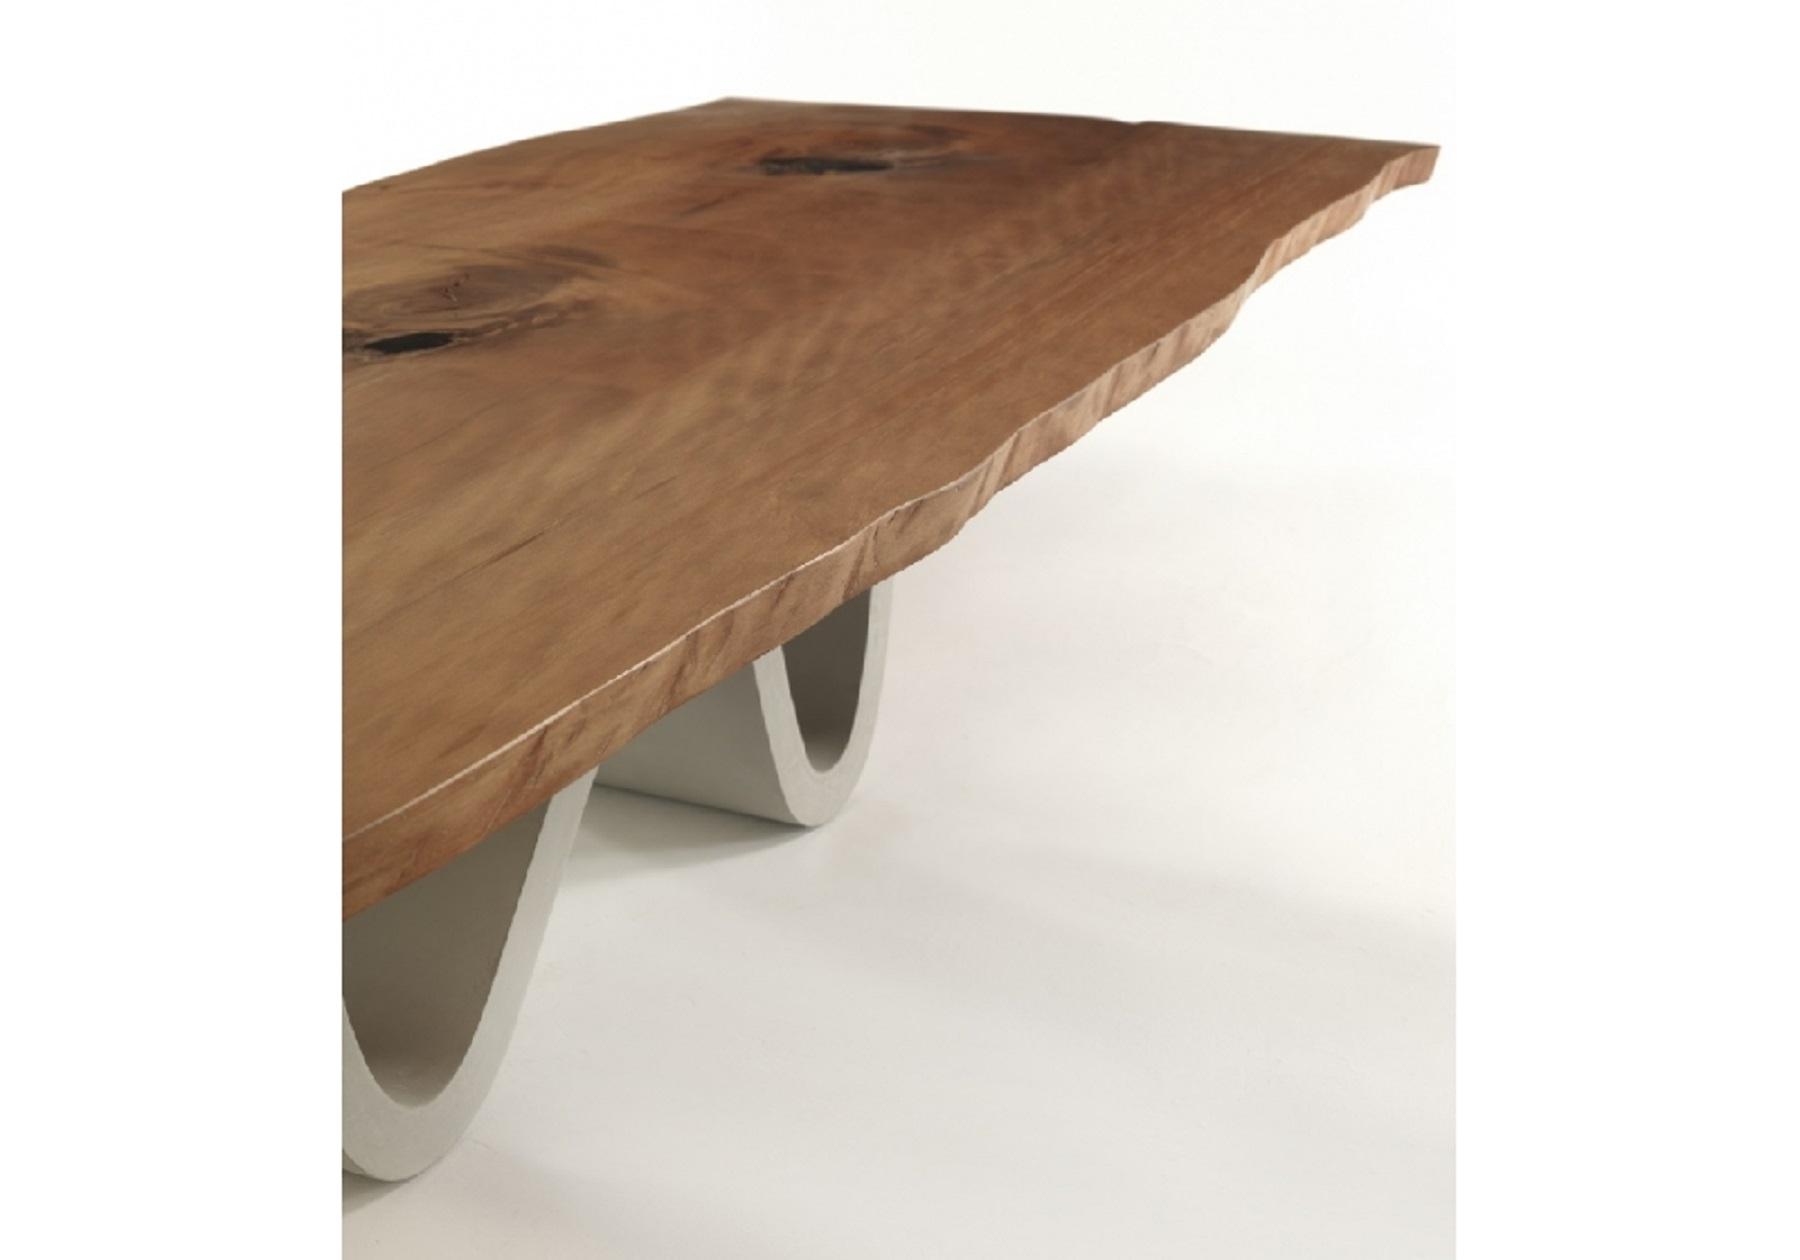 Tavolo tavolo onda project design scontato del 74 for Arredamento design scontato